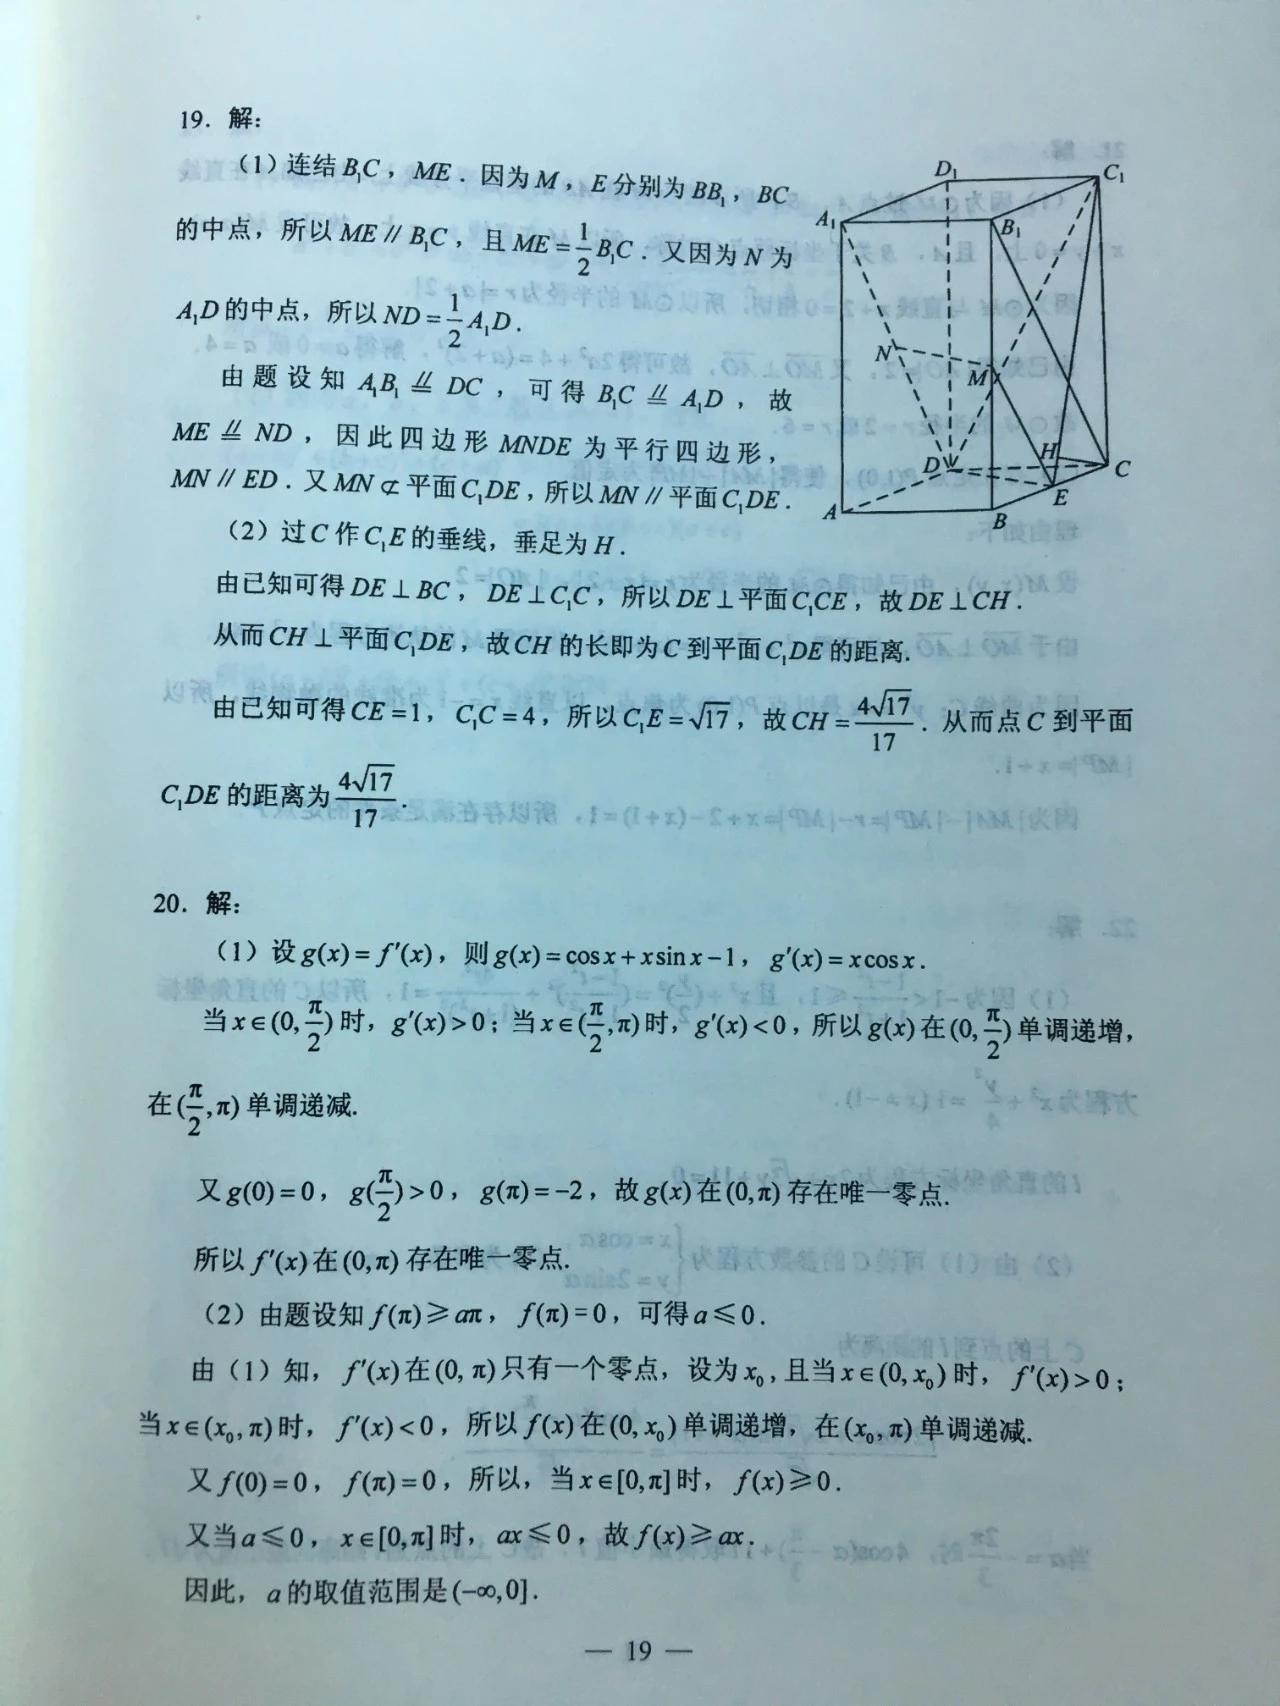 2019年高考全国卷1卷标准答案文科数学